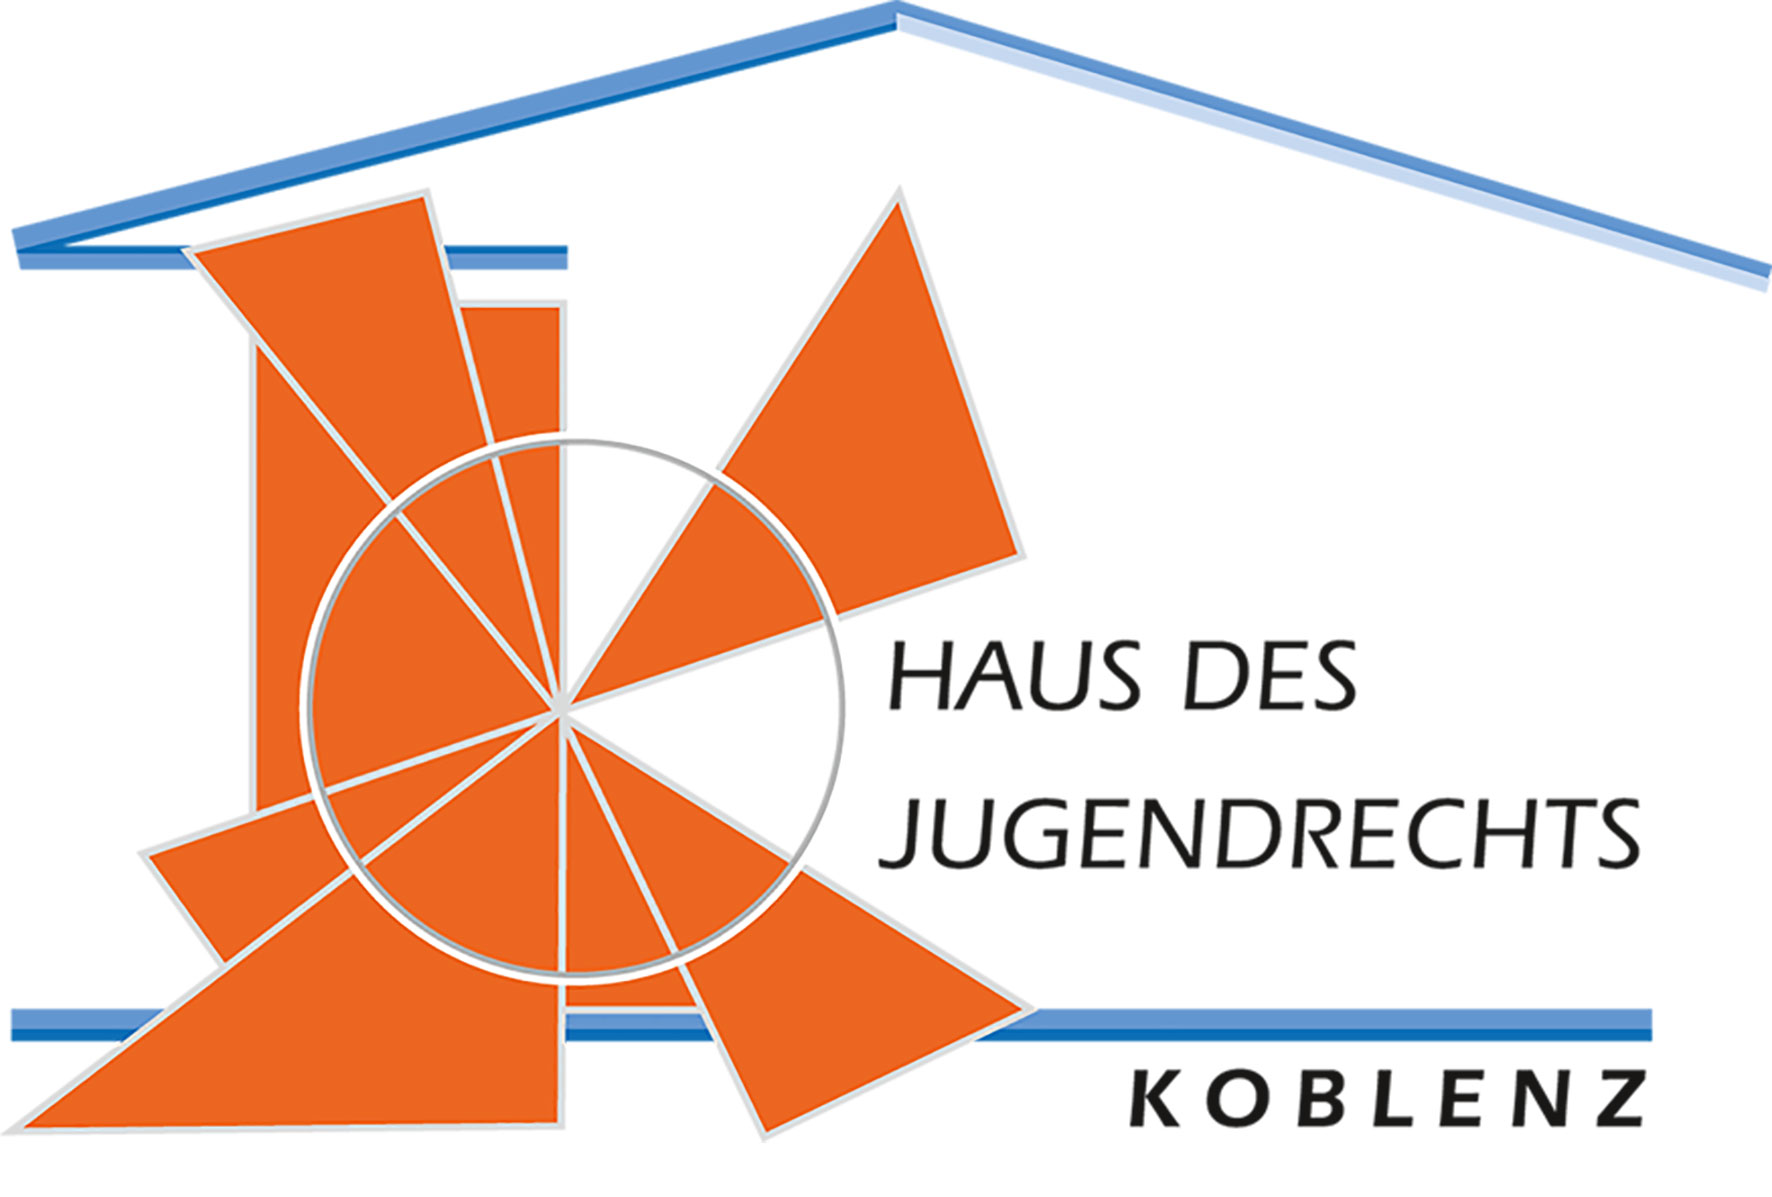 Haus des Jugendrechts Koblenz